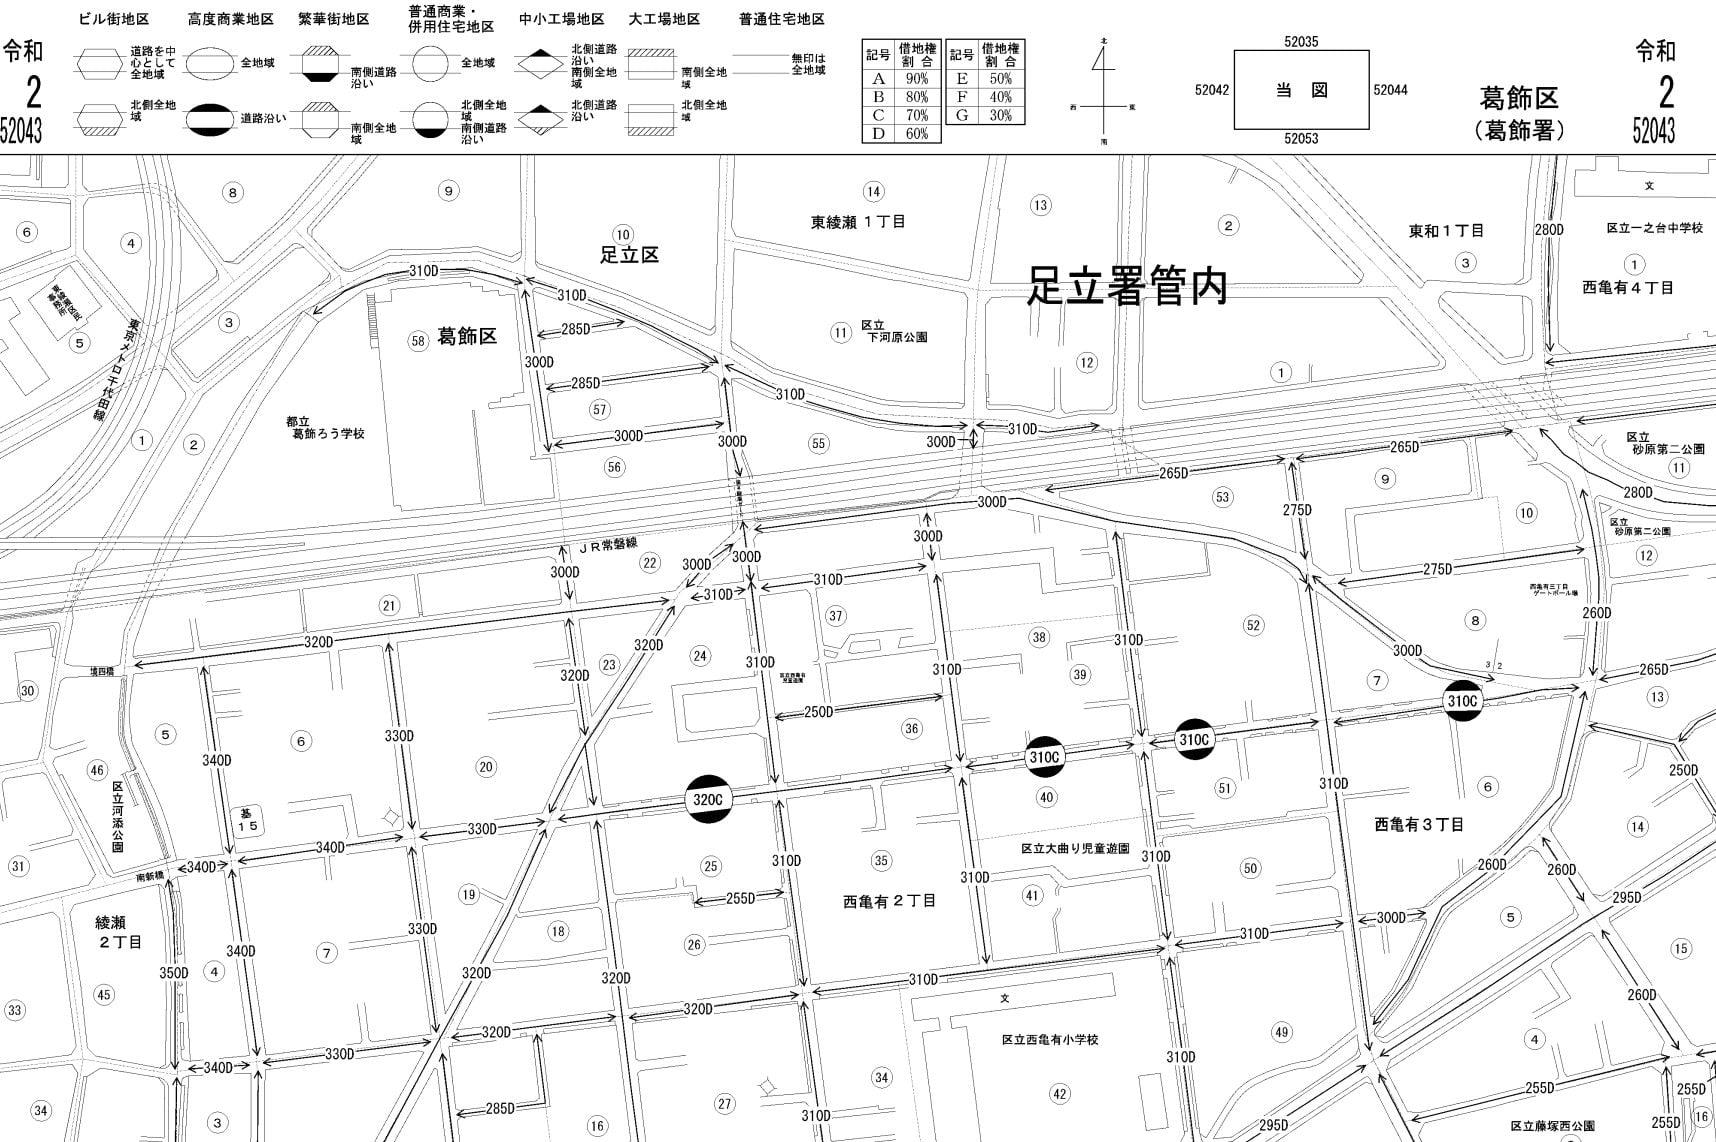 葛飾区の路線価図